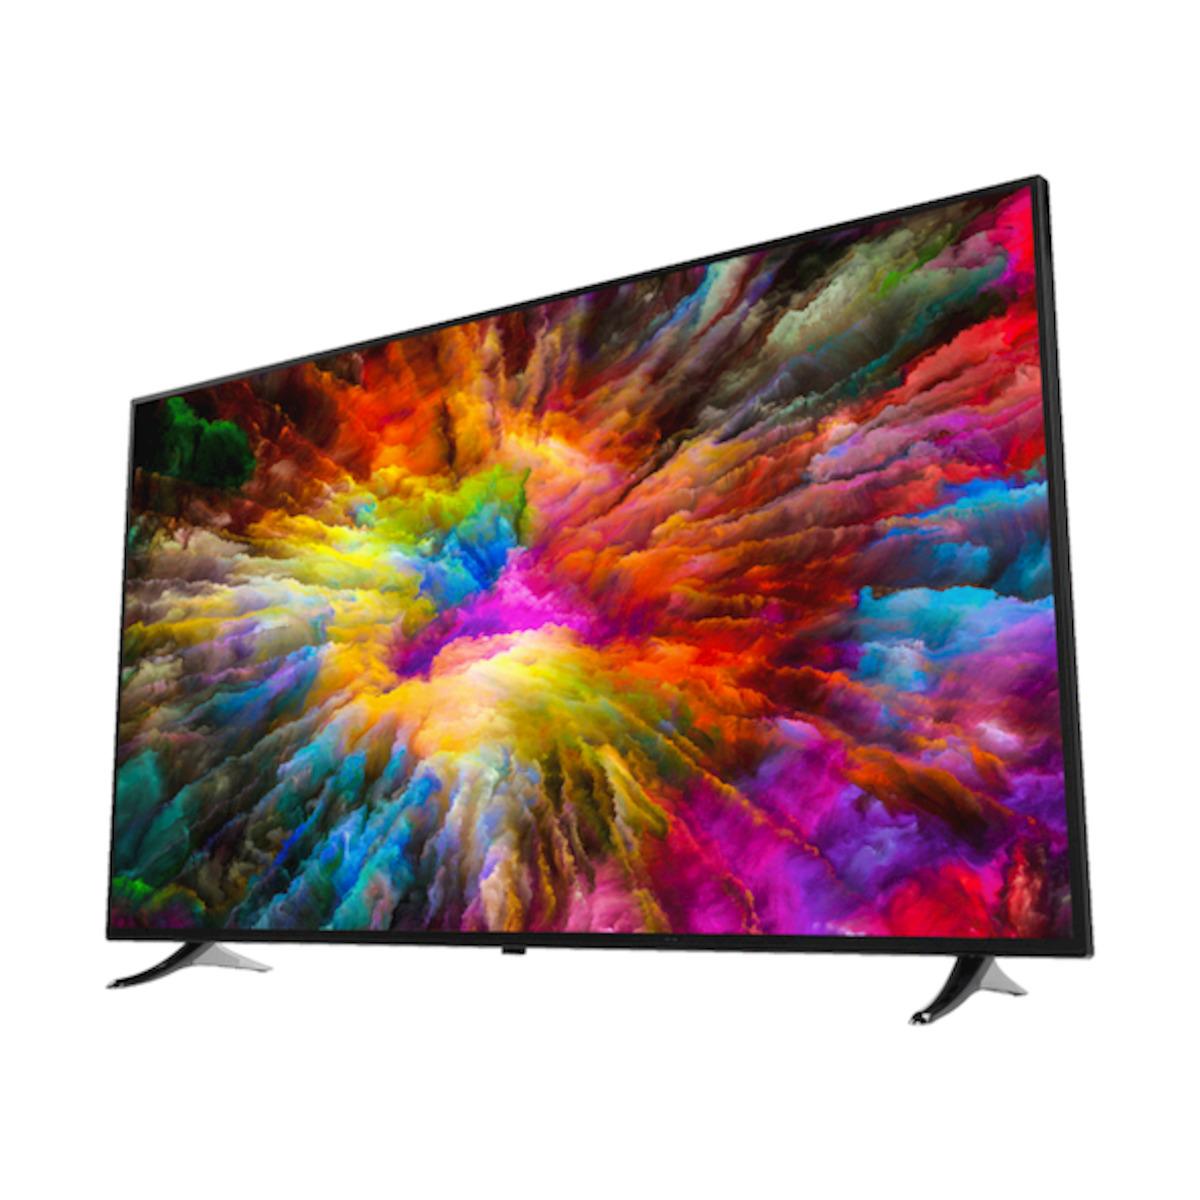 Bild 4 von UHD Smart-TV MEDION LIFE X16506, 163,8 cm (65 Zoll)